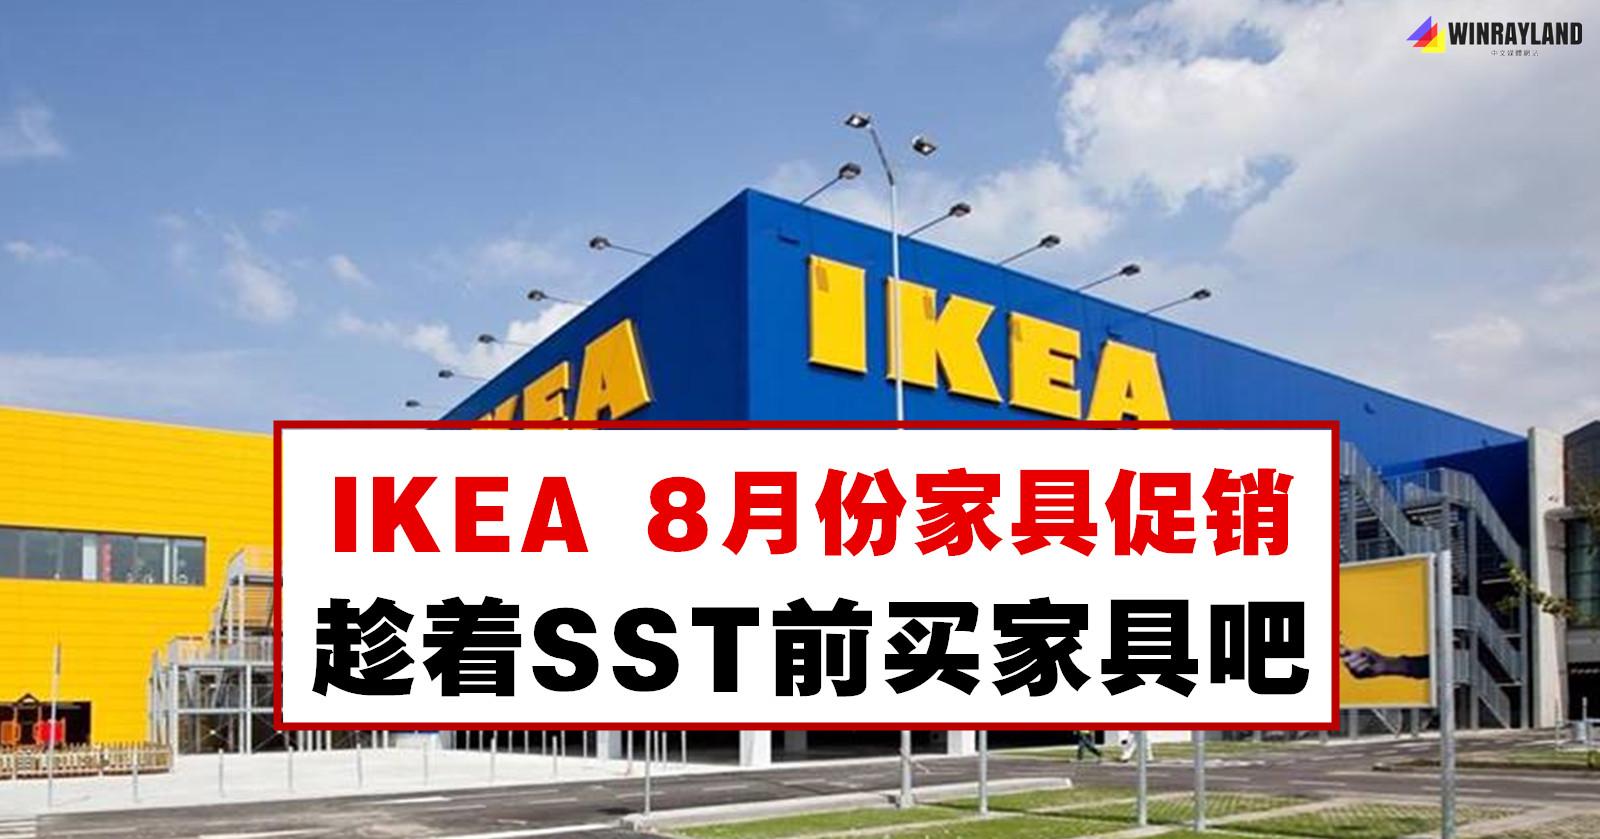 IKEA 8月份家具促销,趁着SST前买家具吧